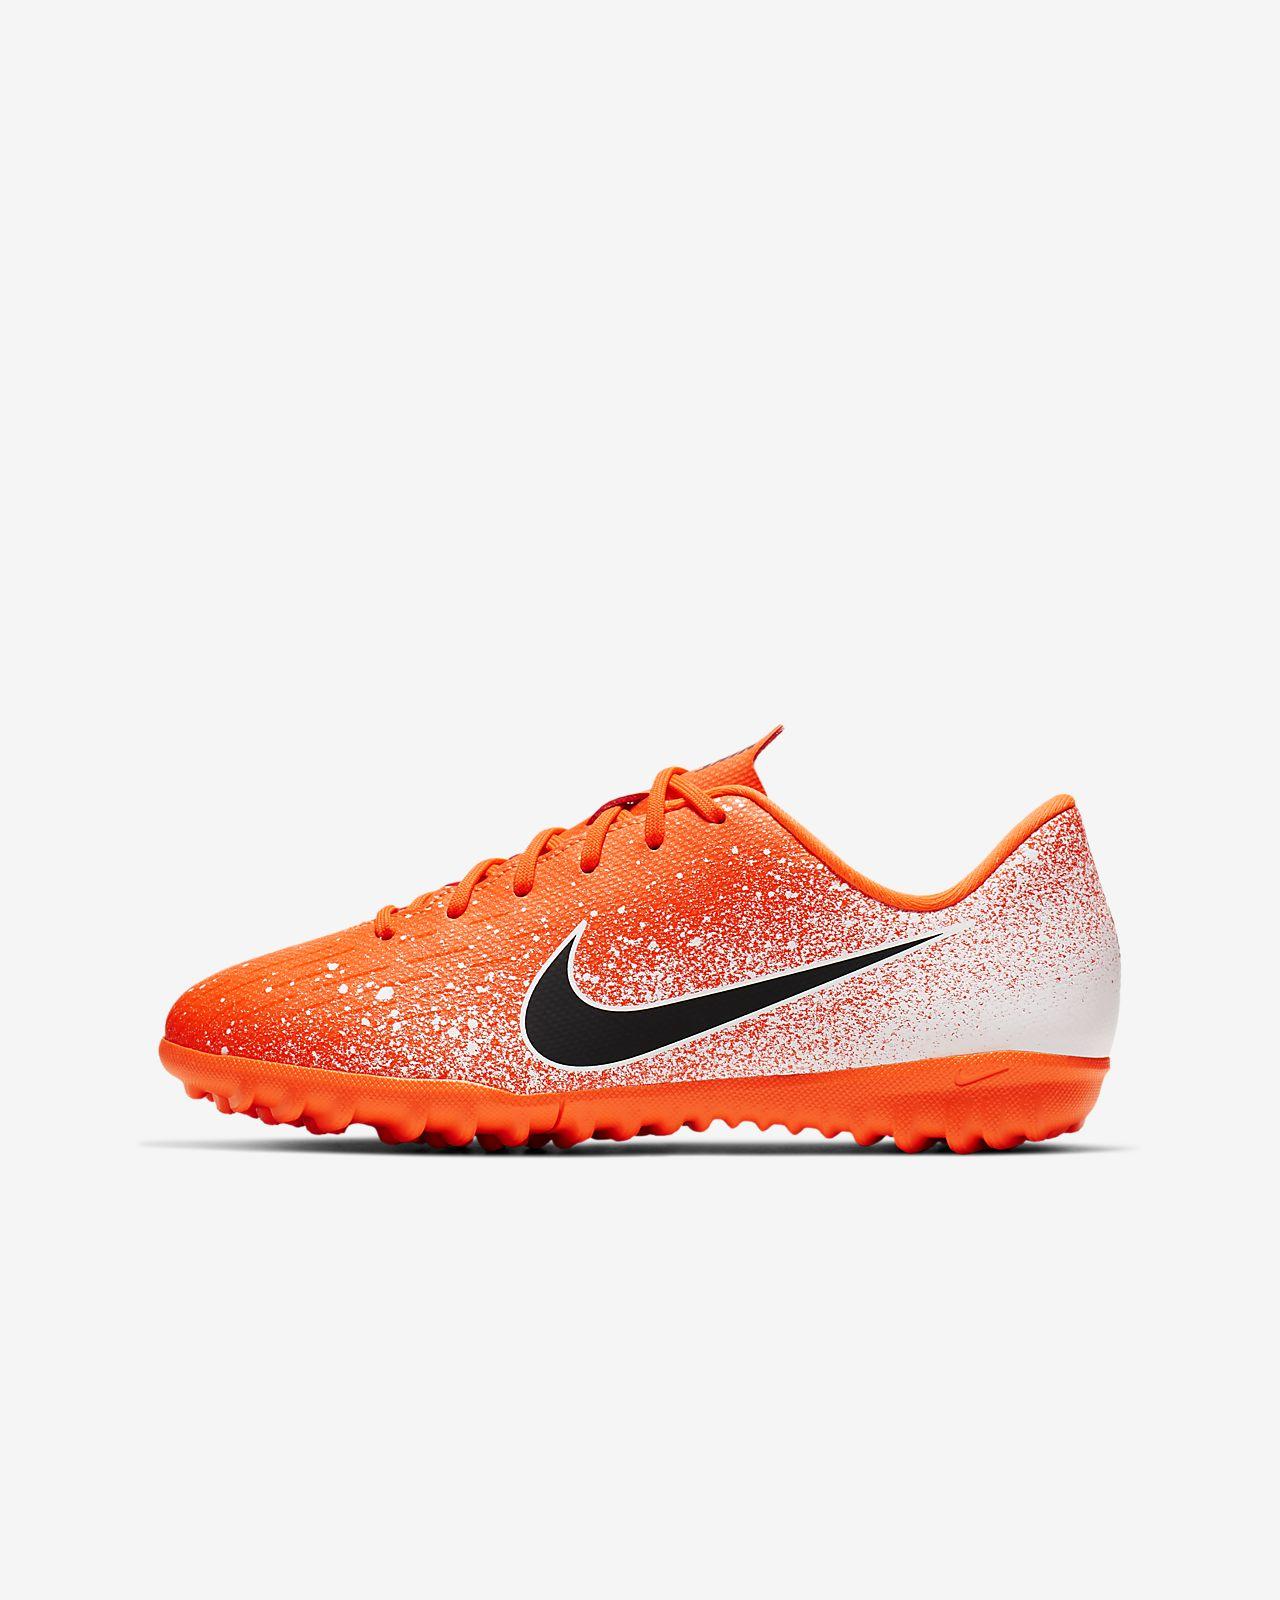 85941c6816f ... Sapatilhas de futebol para relvado Nike Jr. Vapor 12 Academy TF para  criança Júnior